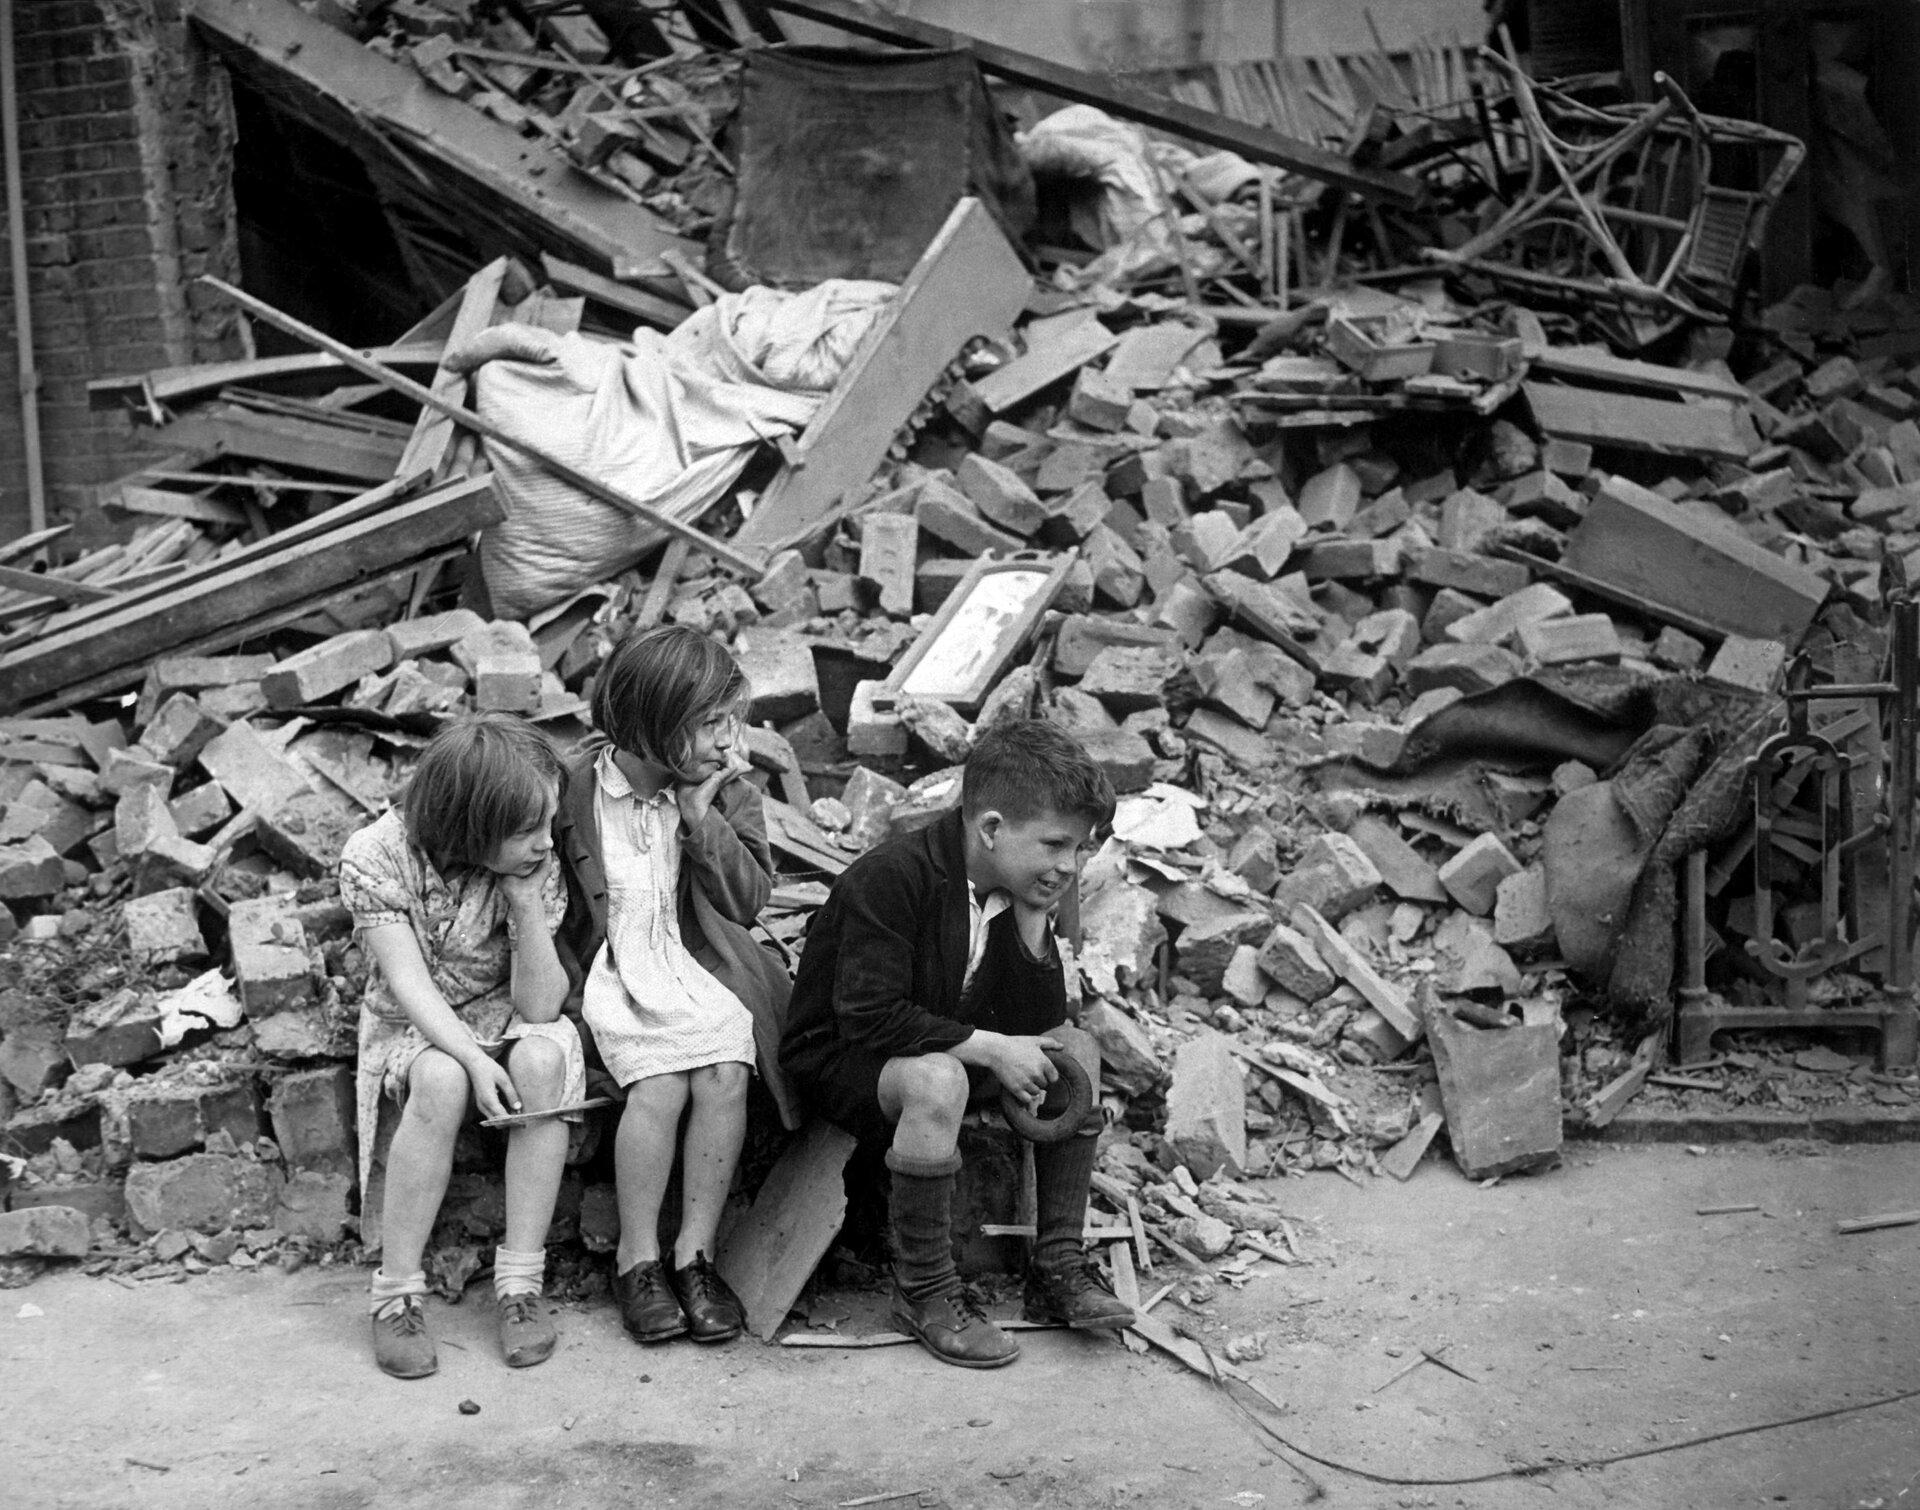 Dzieci na zbombardowanej ulicy Londynu. Dzieci na zbombardowanej ulicy Londynu. Źródło: domena publiczna.